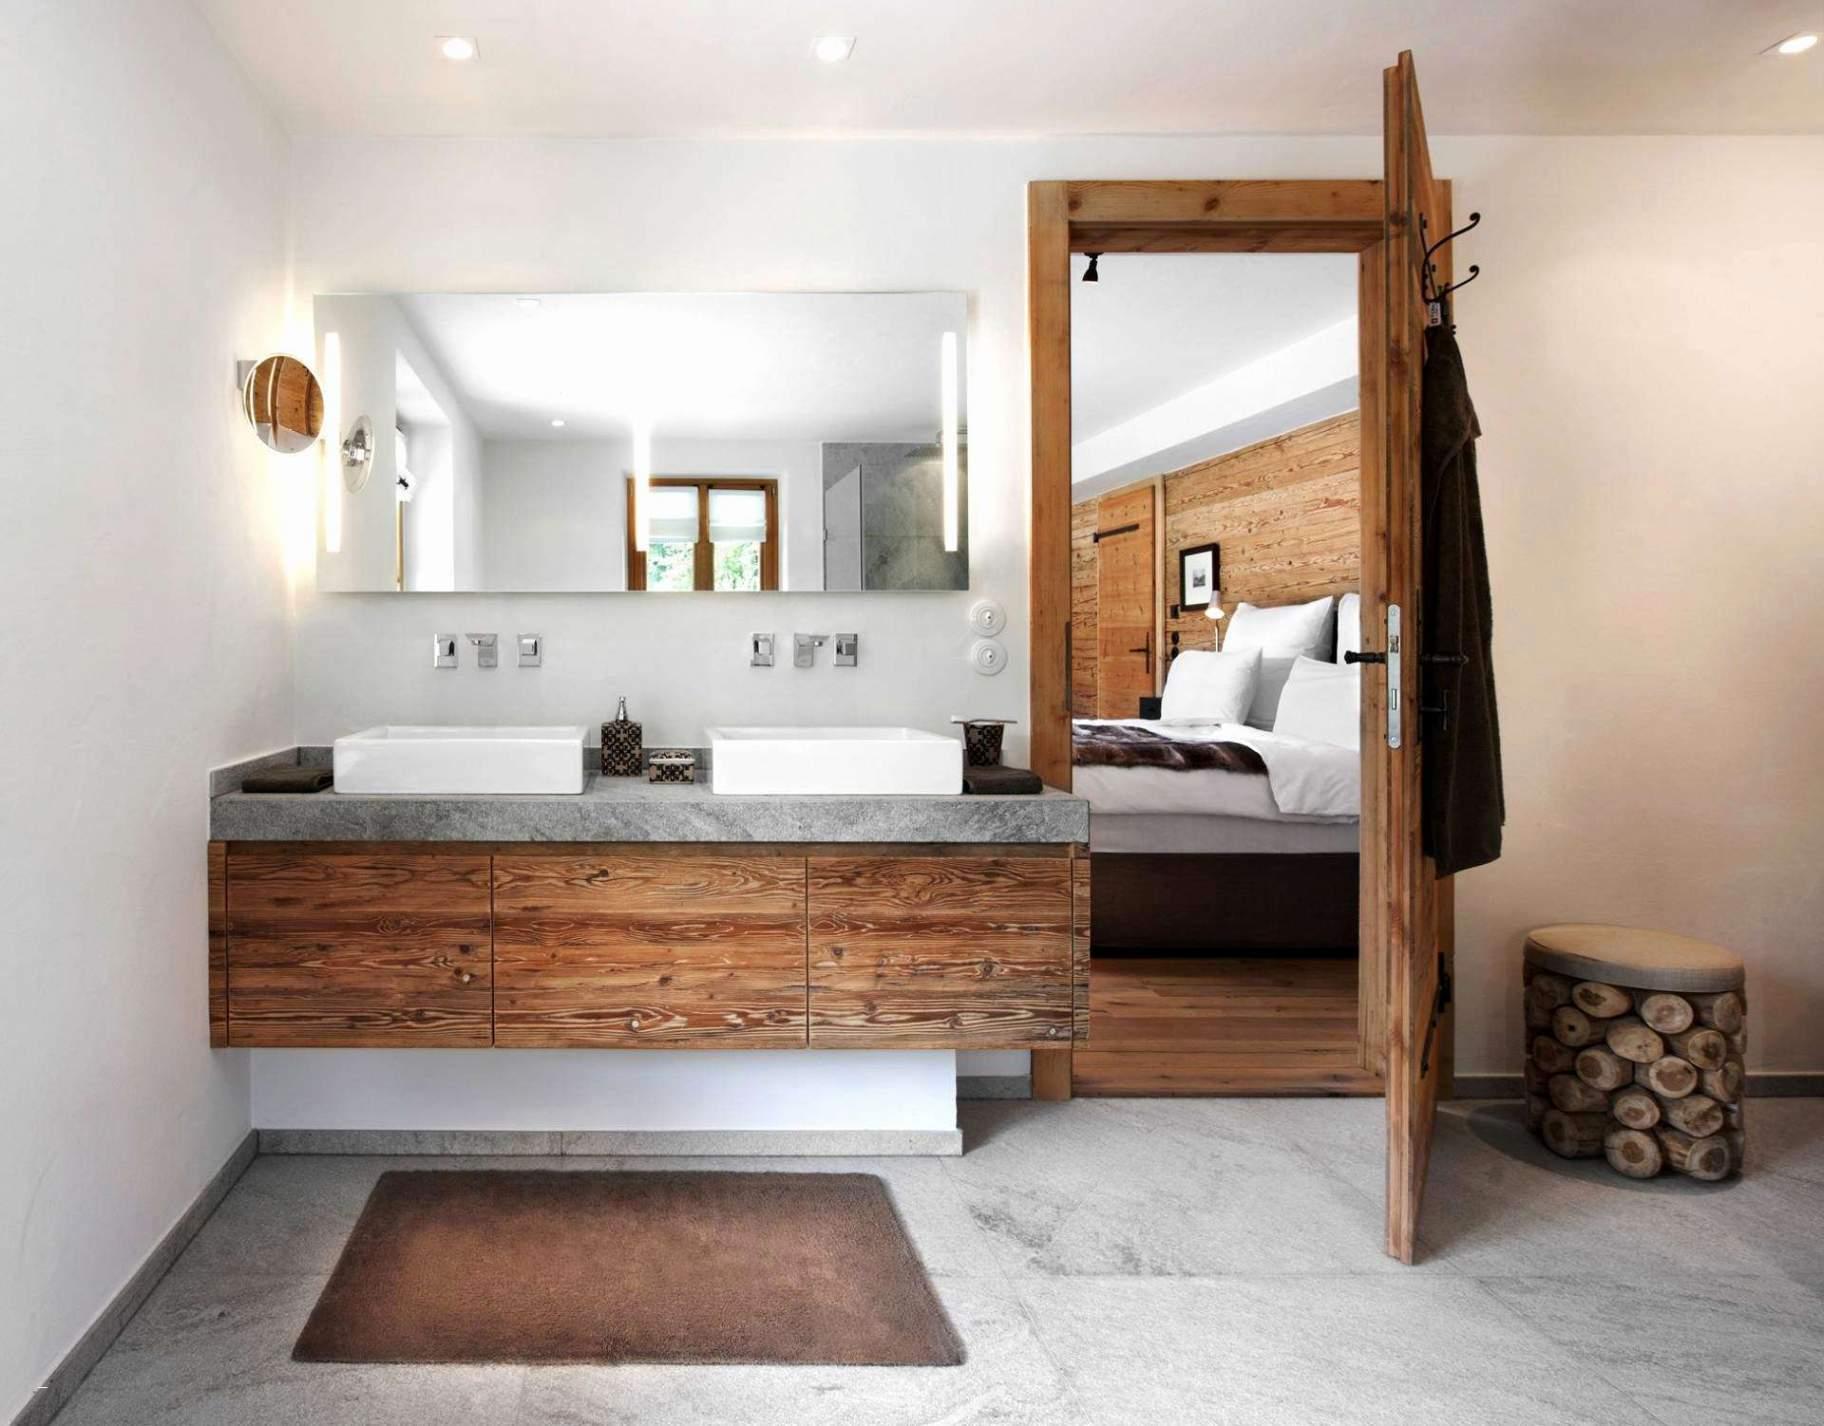 dusche garten genial garten regal weinkisten regal bauen neu dusche mit mauer dusche mit mauer 1